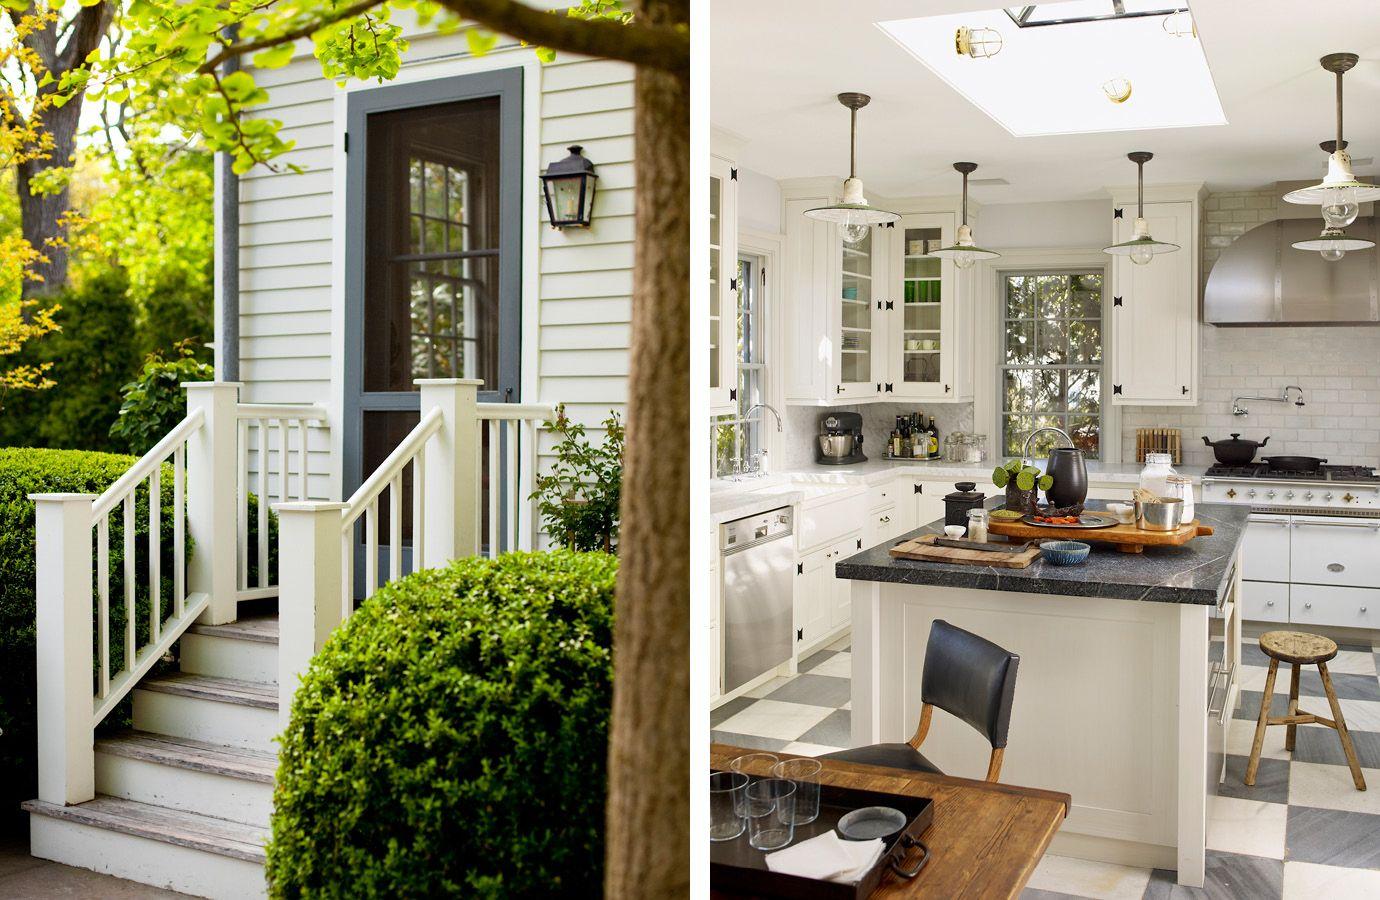 Küchenschränke in der garage pin von gloryprep auf decorating  home details  pinterest